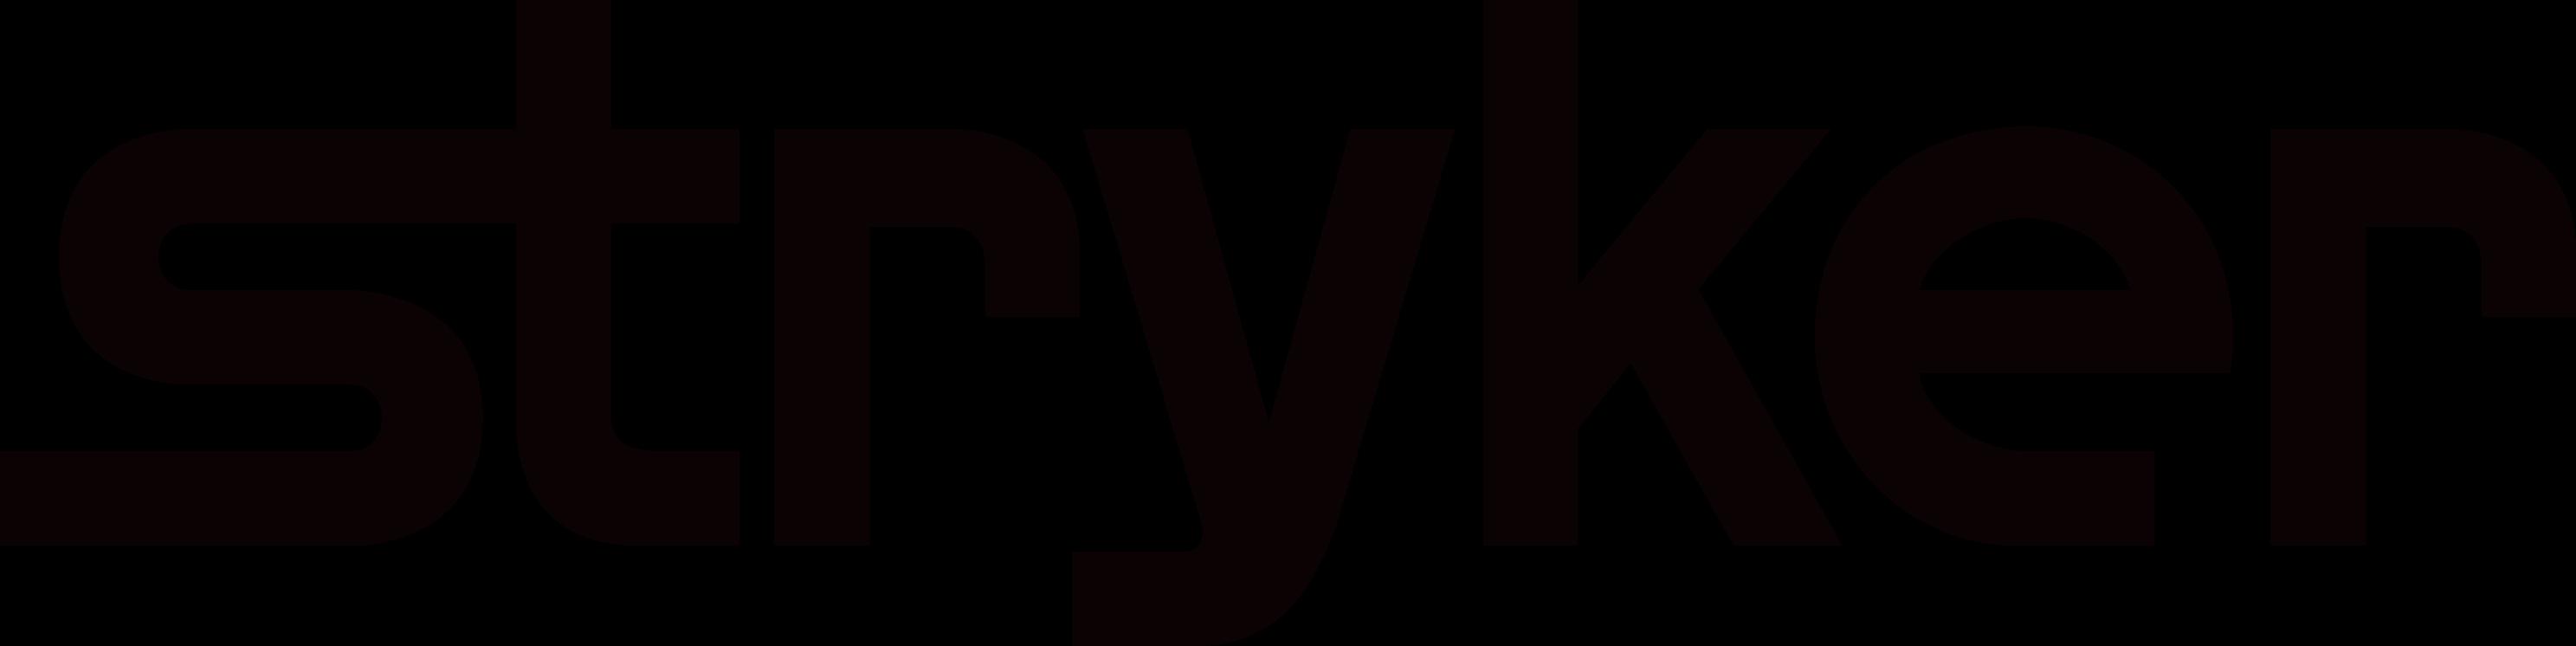 Stryker - Molipharma